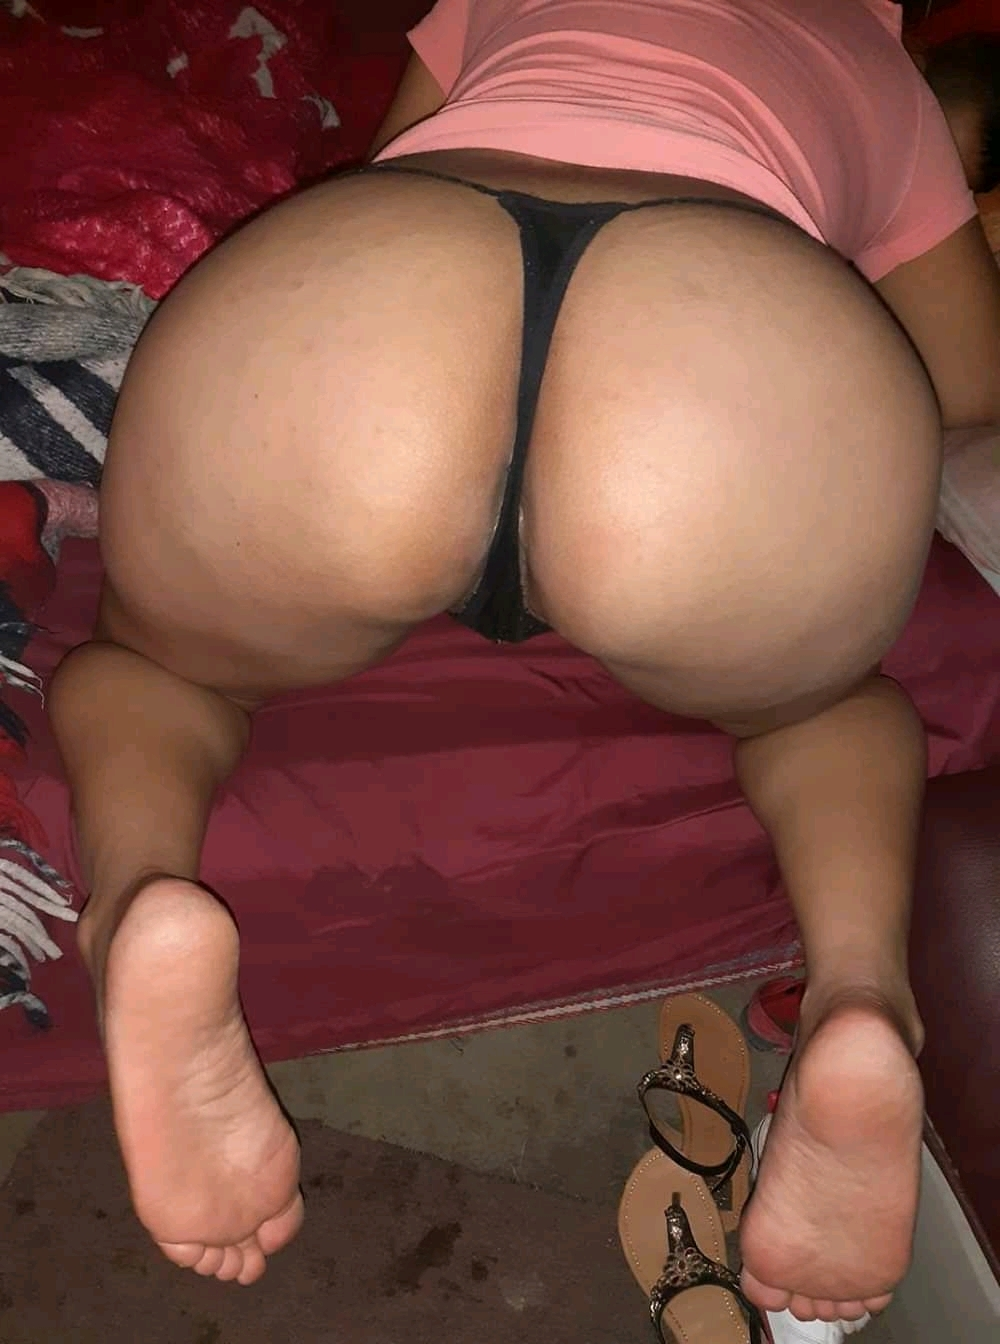 Megapack fotos de amateurs desnudas porno casero